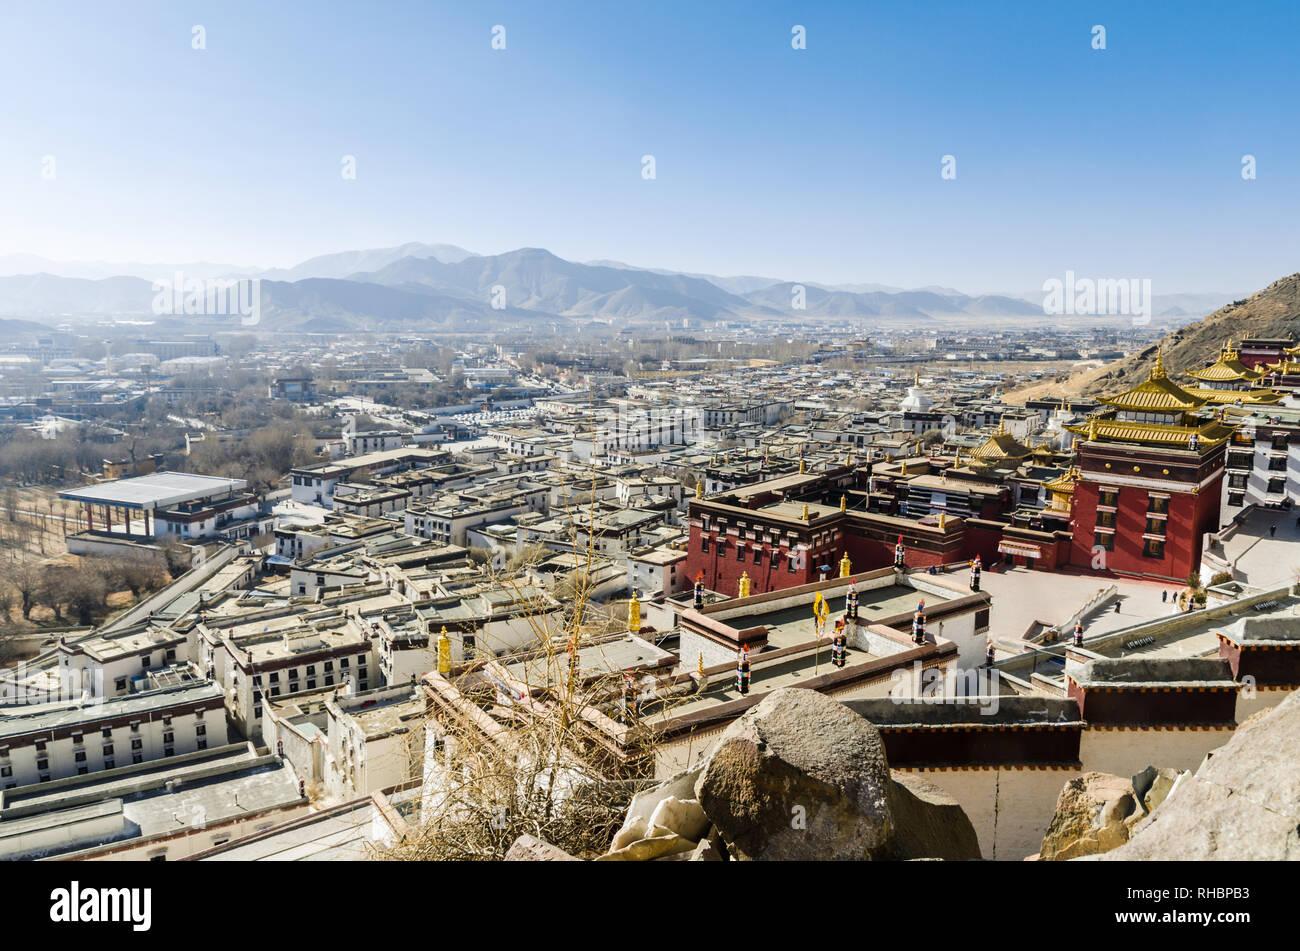 Tashi Lhunpo monastero e la città di Shigatse, Shigatse, nel Tibet Immagini Stock